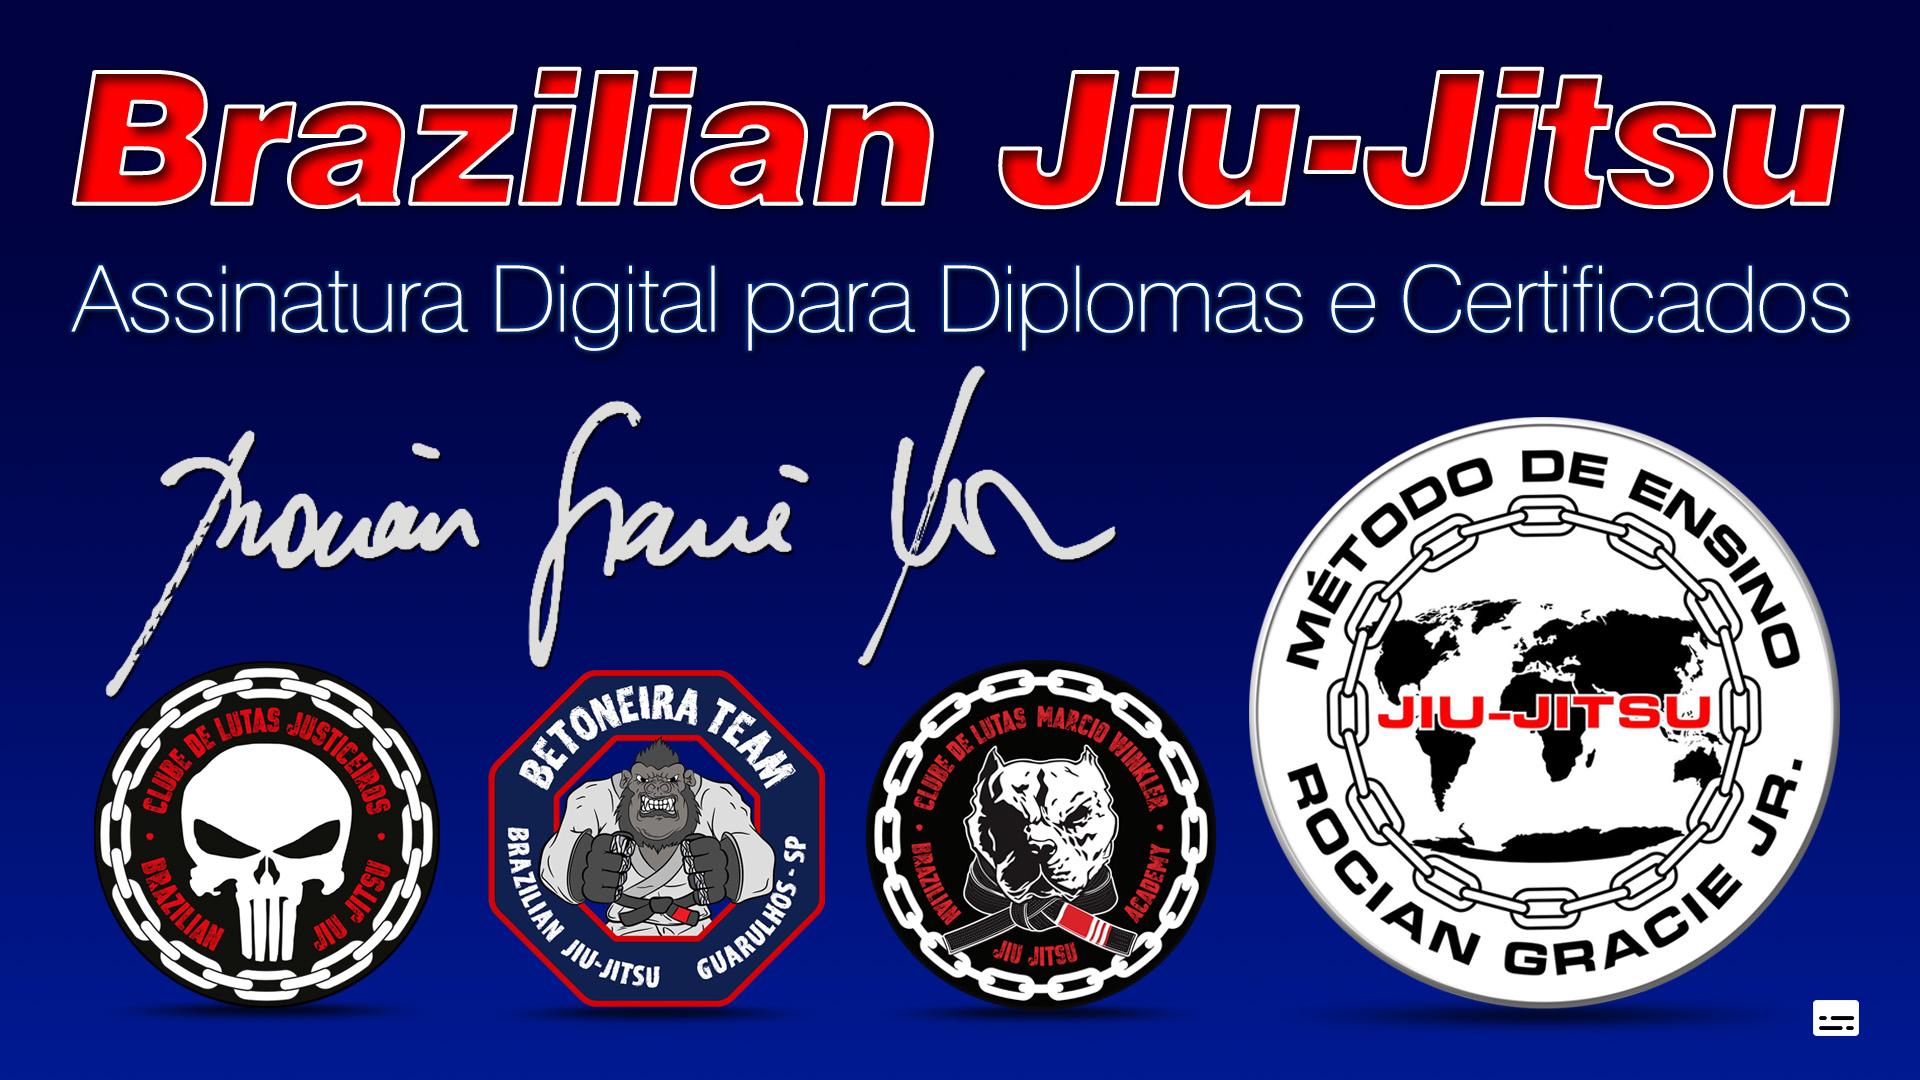 Assinatura Digital para Diplomas e Certificados